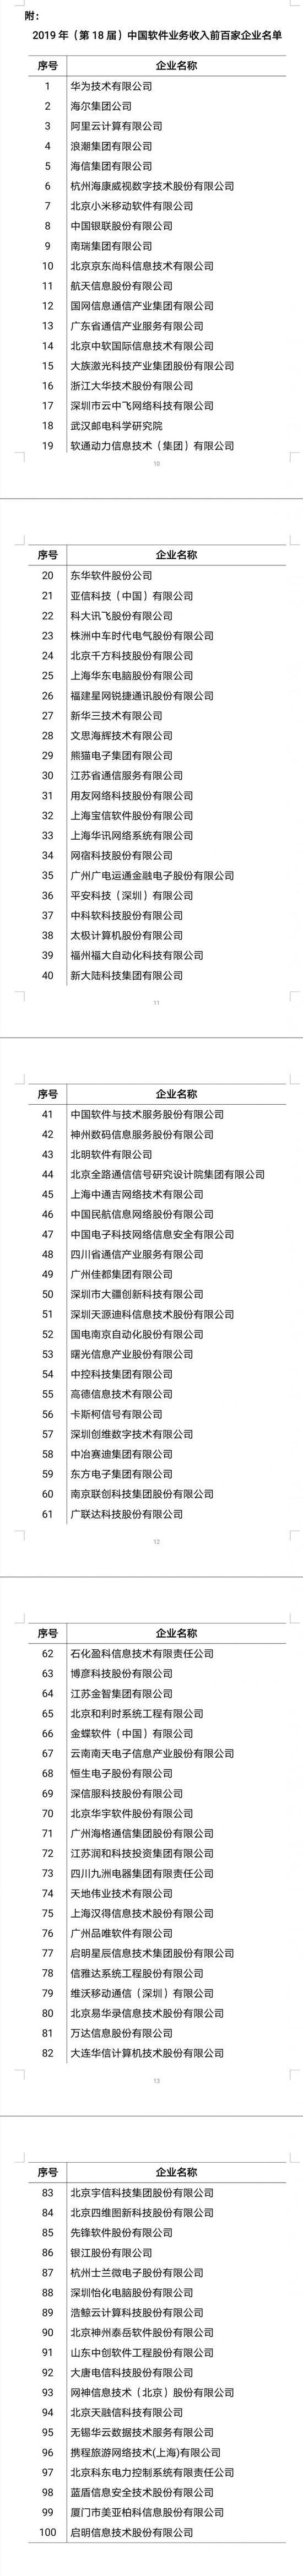 工信部软件百强:华为蝉联十八冠 阿里小米首入前十